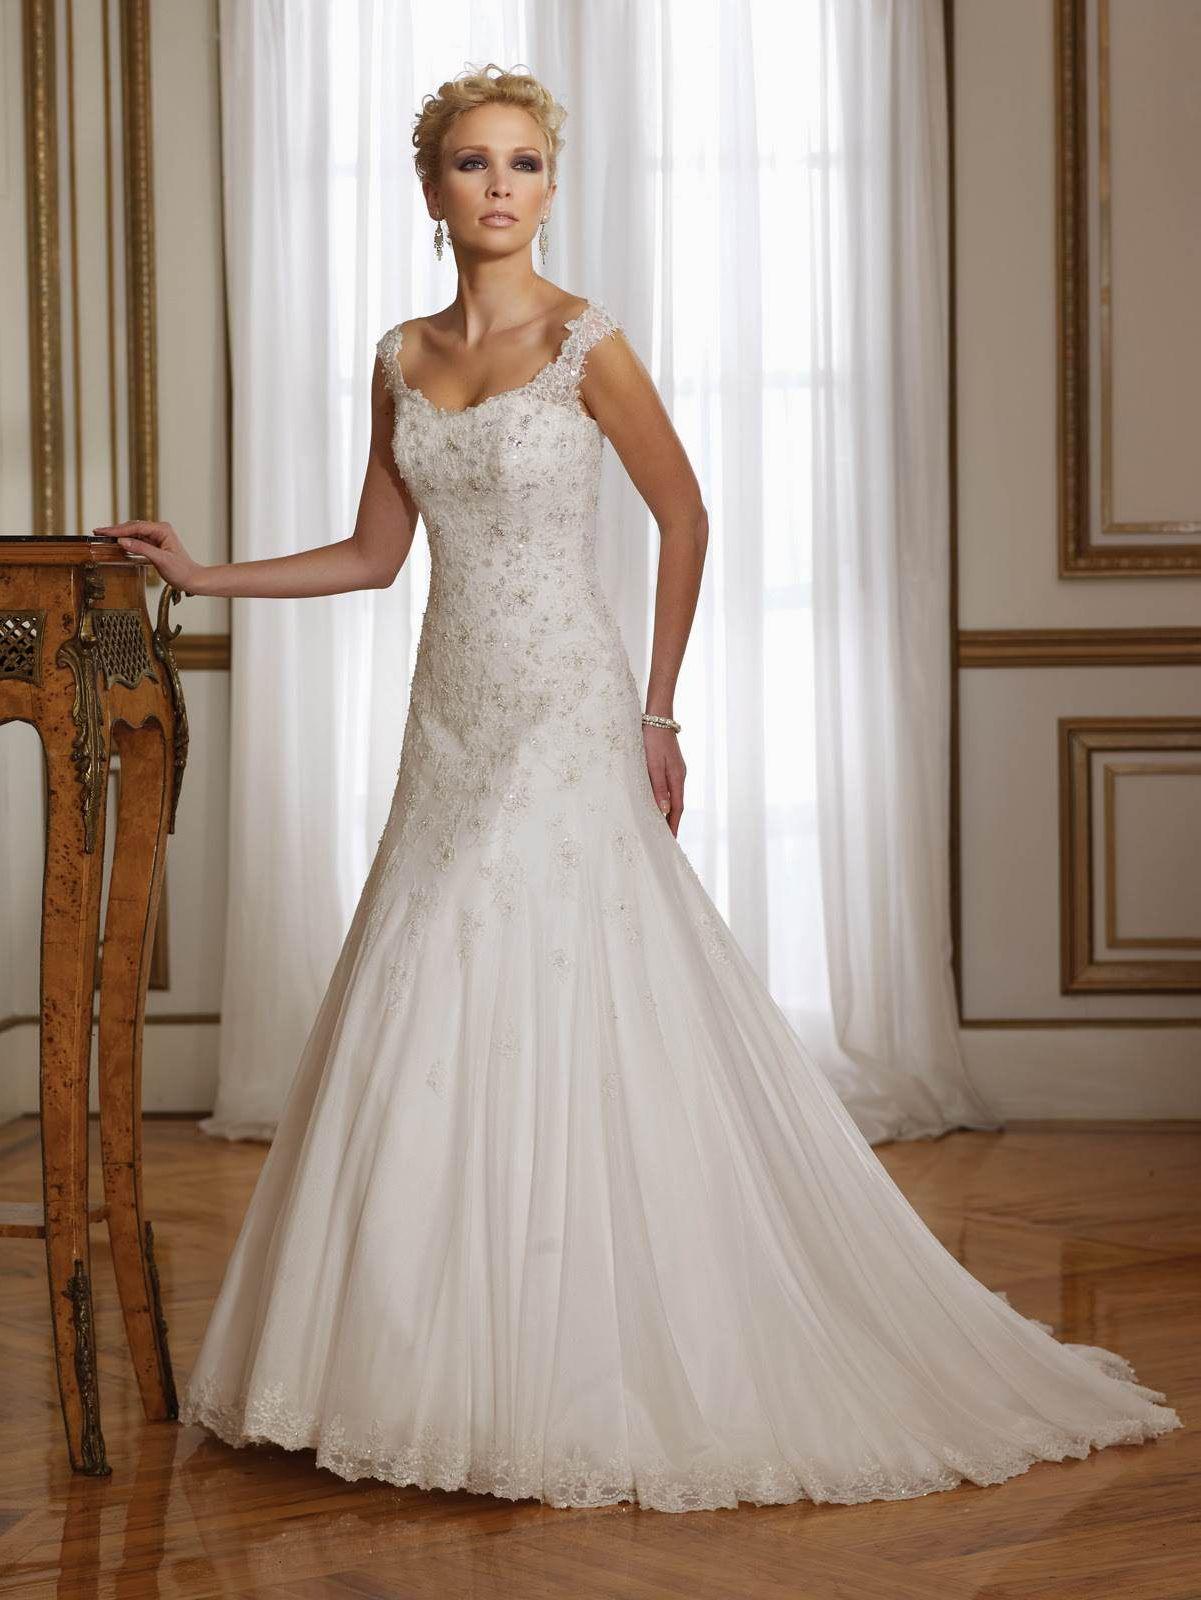 Белое платье на кружевных бретельках расшито сверкающими бусинами. Простой силуэт дополнен пышным подъюбником нужной формы. Небольшой шлейф не сковывает